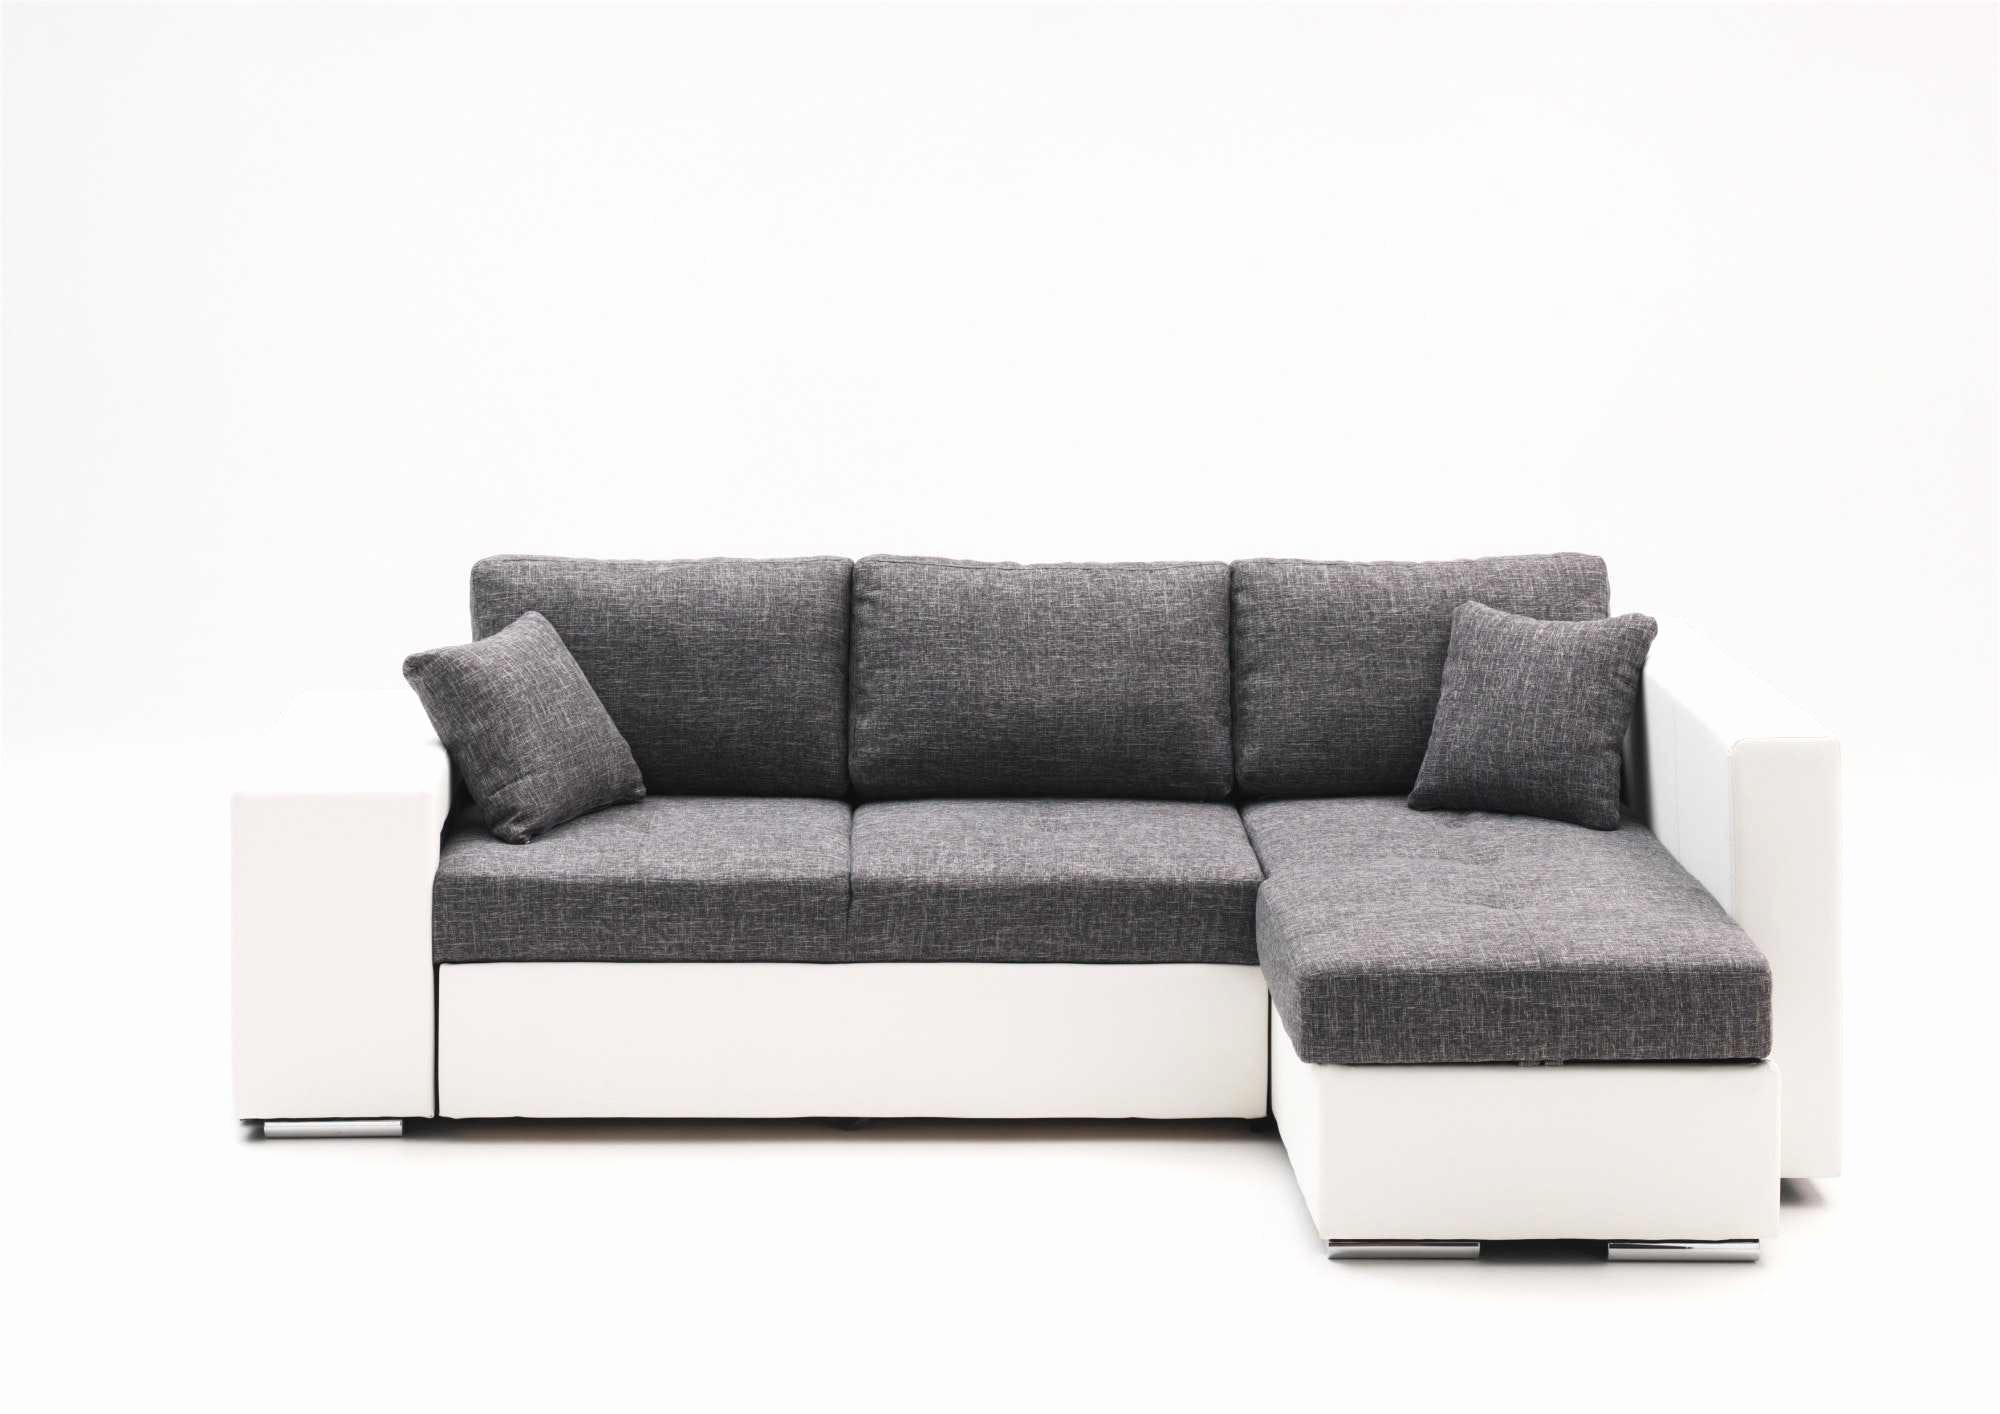 Ikea Canape Angle Convertible Luxe Photos Clic Clac En Cuir Convertible Radioconexionanimal